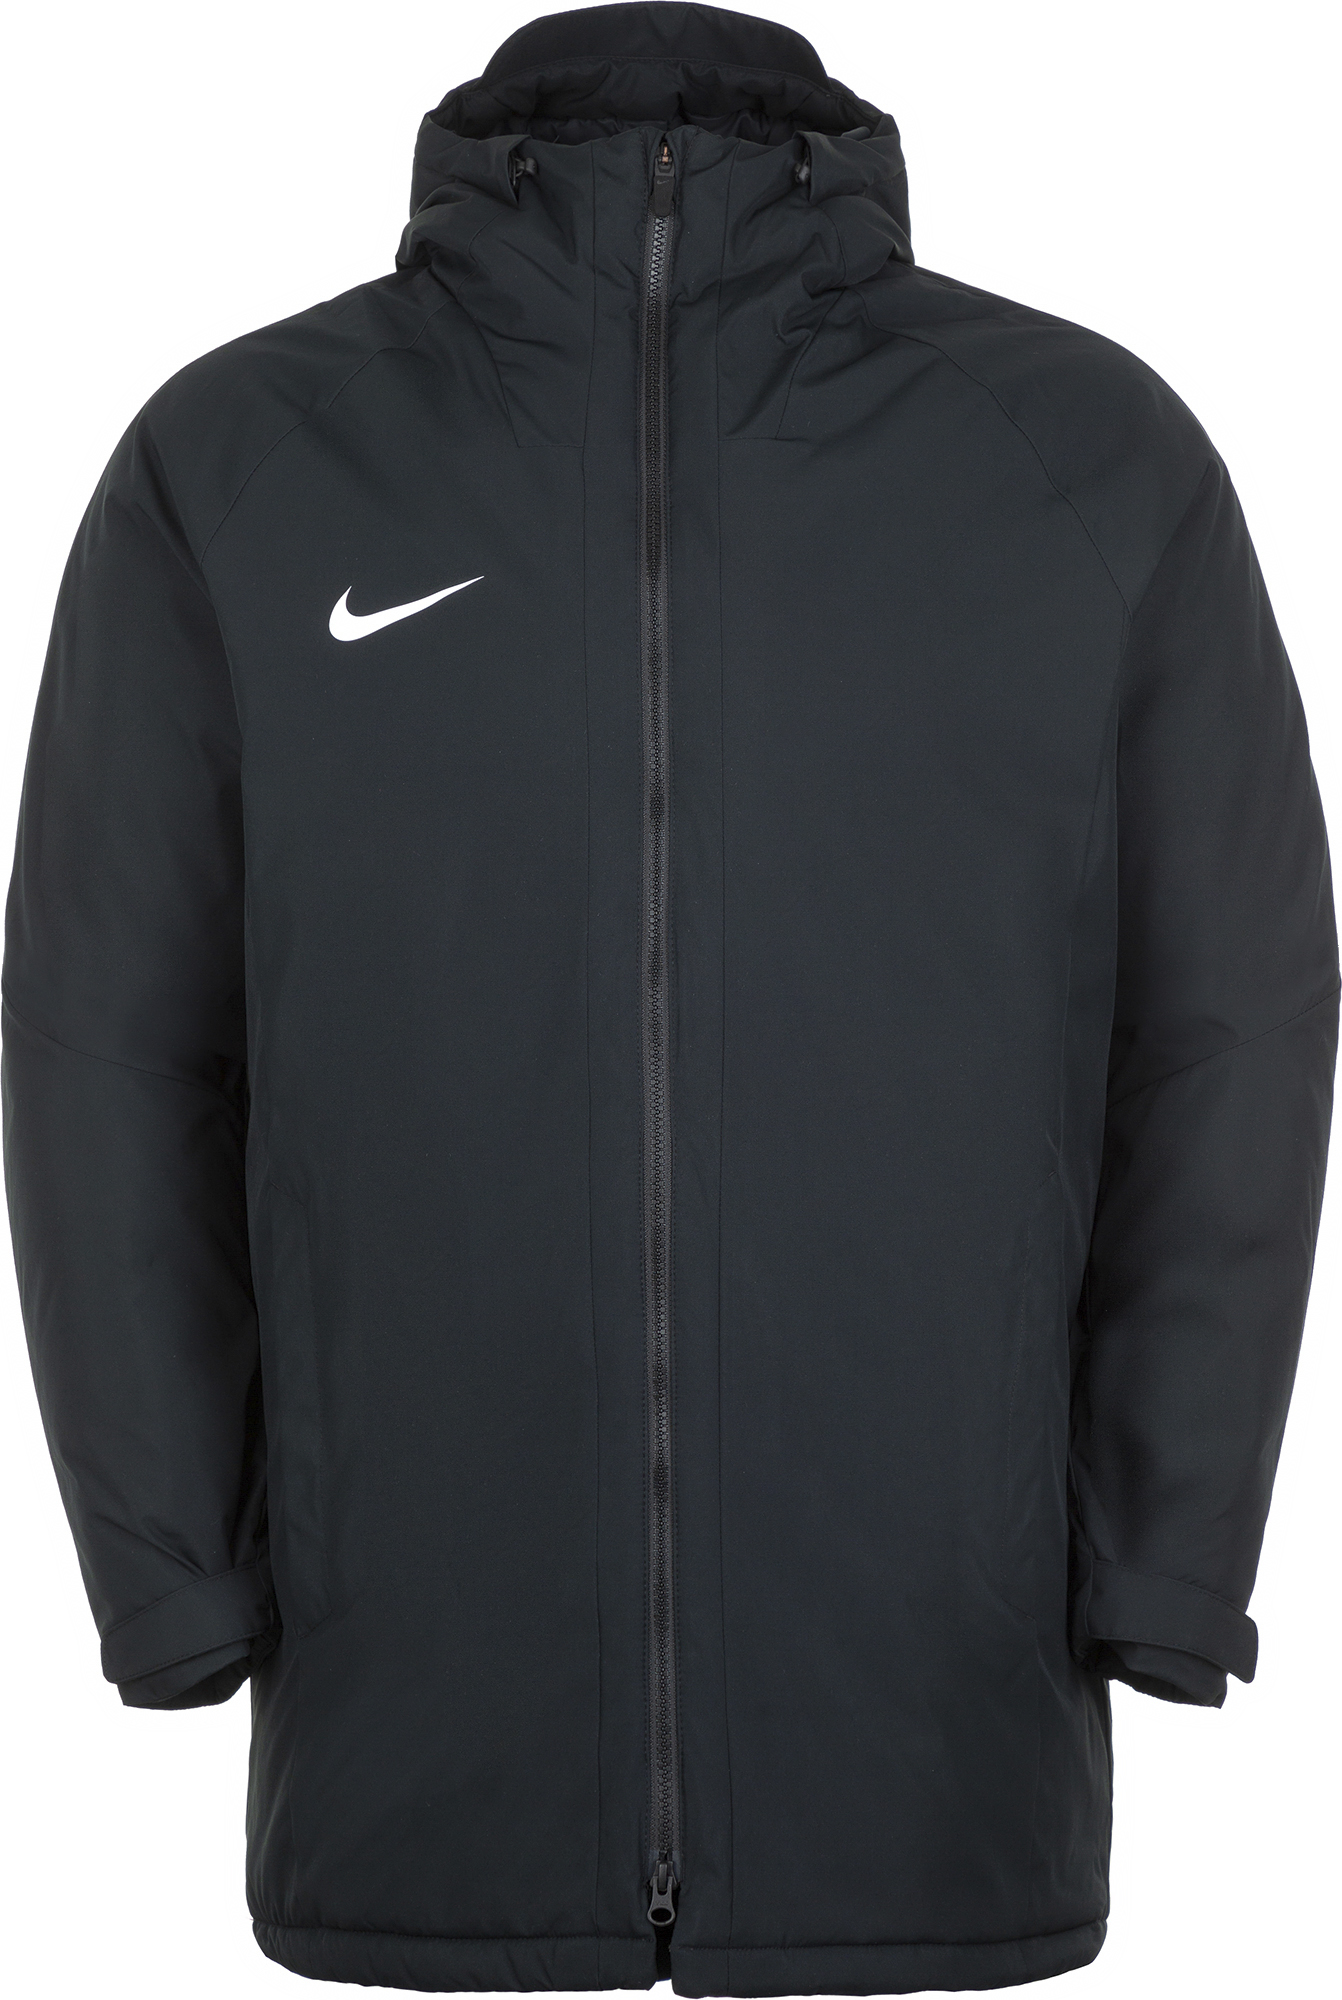 Nike Куртка утепленная мужская Nike Dry Academy18, размер 52-54 футболка мужская nike dry leg tee camo aop цвет хаки 923524 209 размер xl 52 54